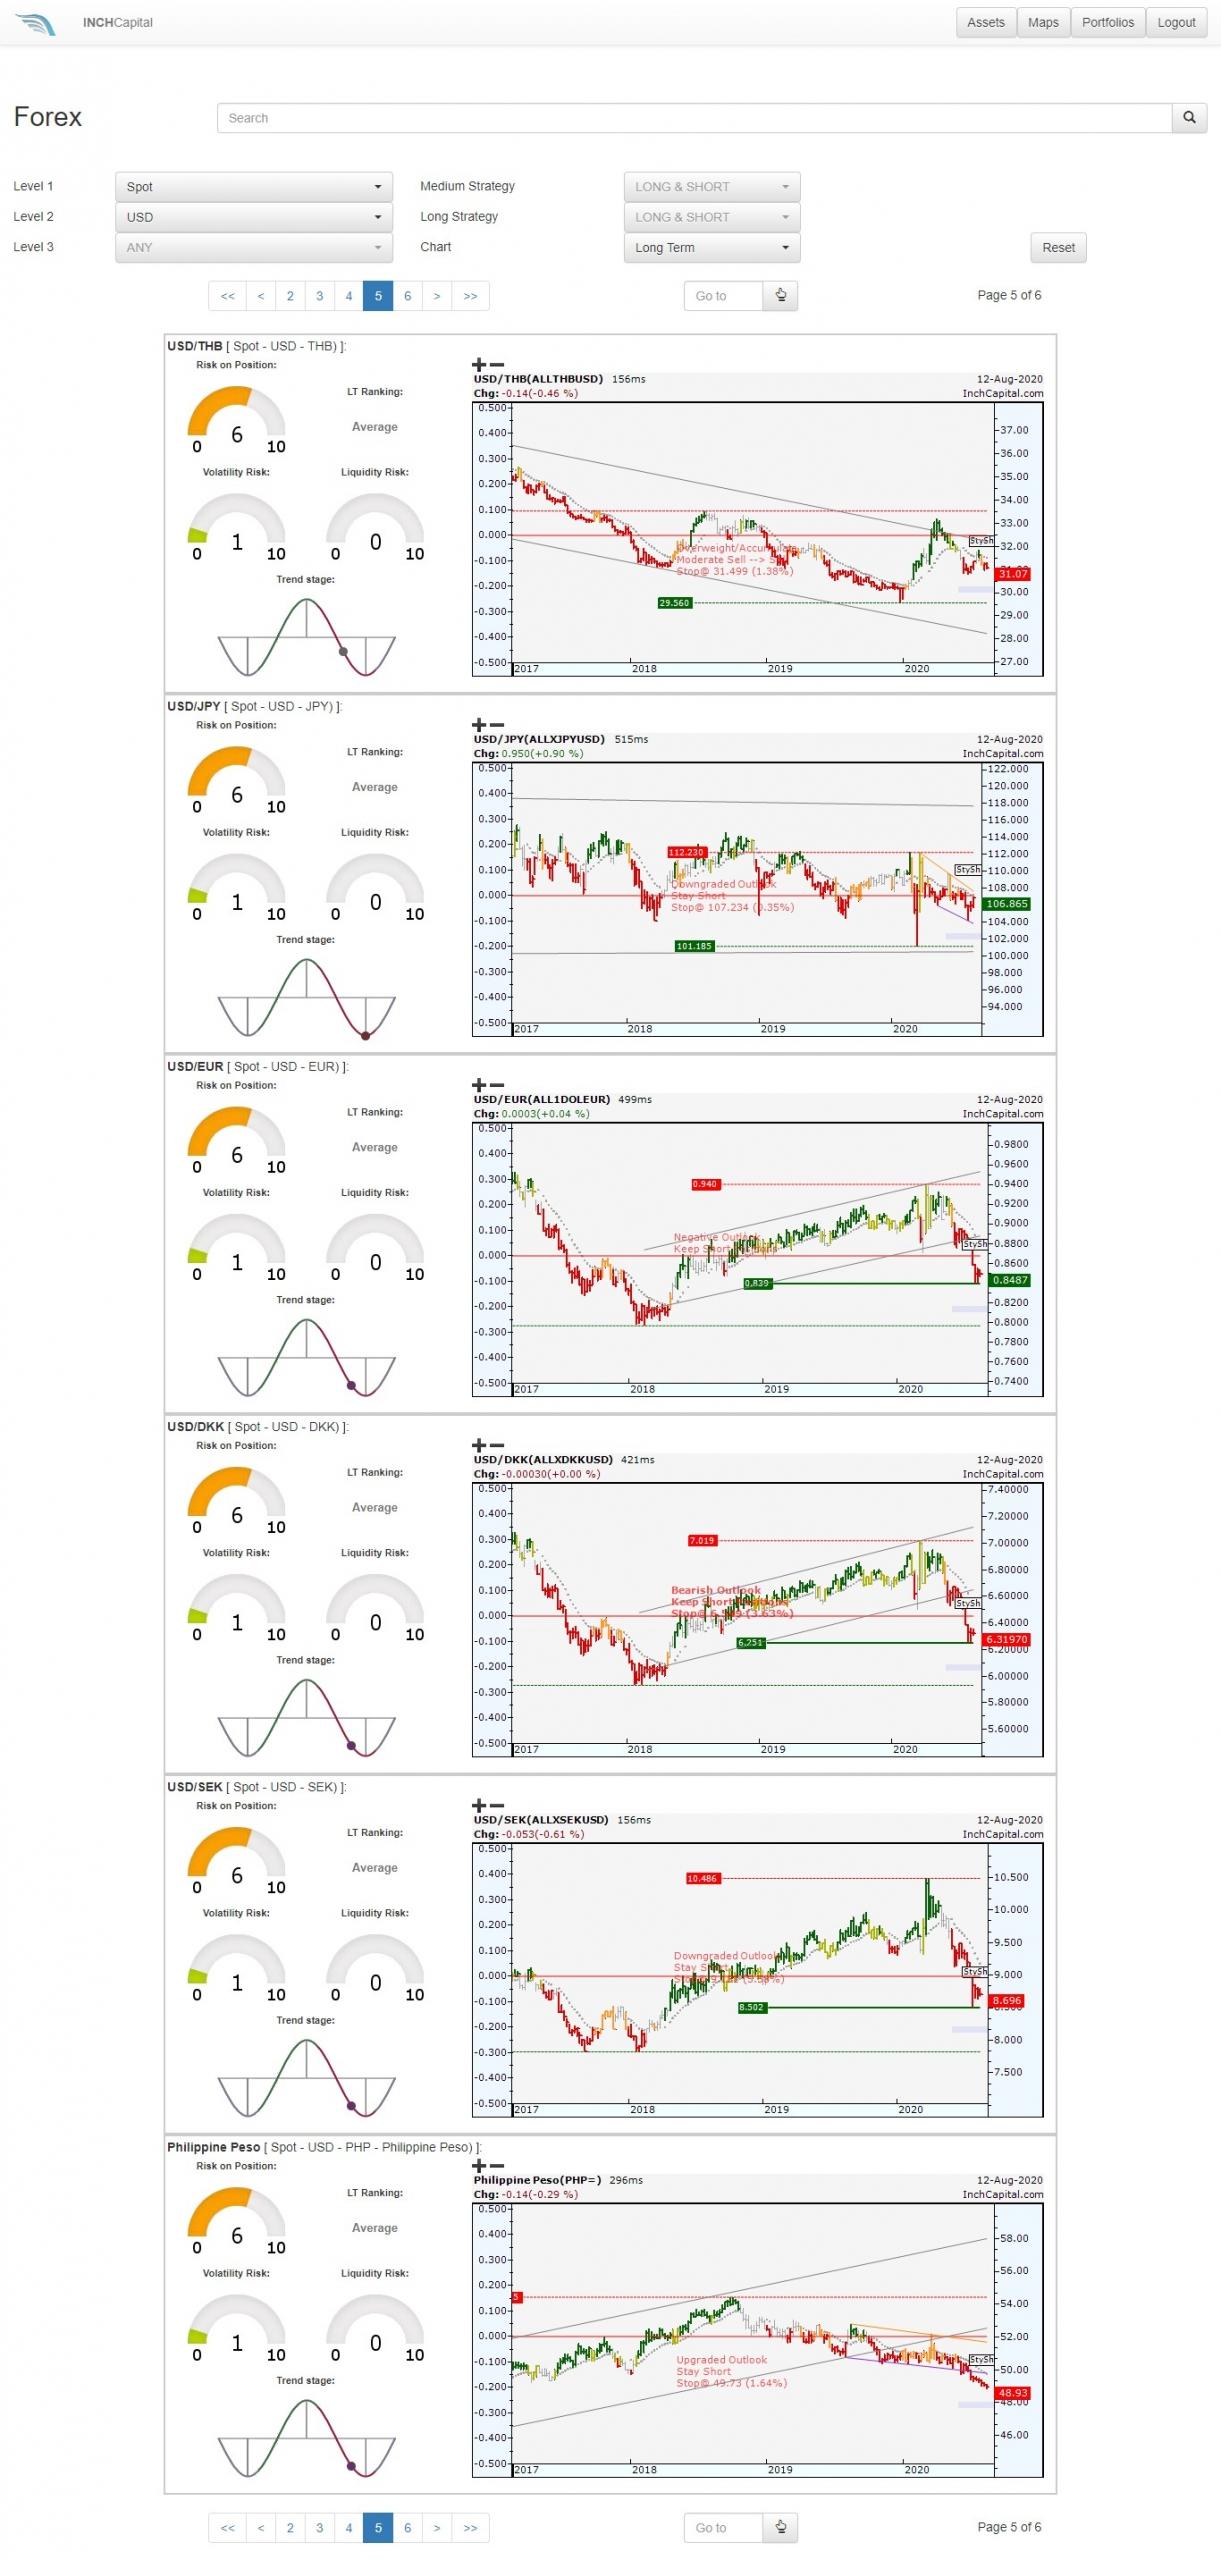 L'immagine evidenzia la selezione effettuabile tramite la piattaforma Inch per identificare il rischio di cambio tramite DSS. La valuta di partenza si mette a confronto contro tutte le altre valute del mondo, allo scopo di rilevare situazioni di debolezza tendenza/accelerazione attuale e prospettica della valuta d'origine.